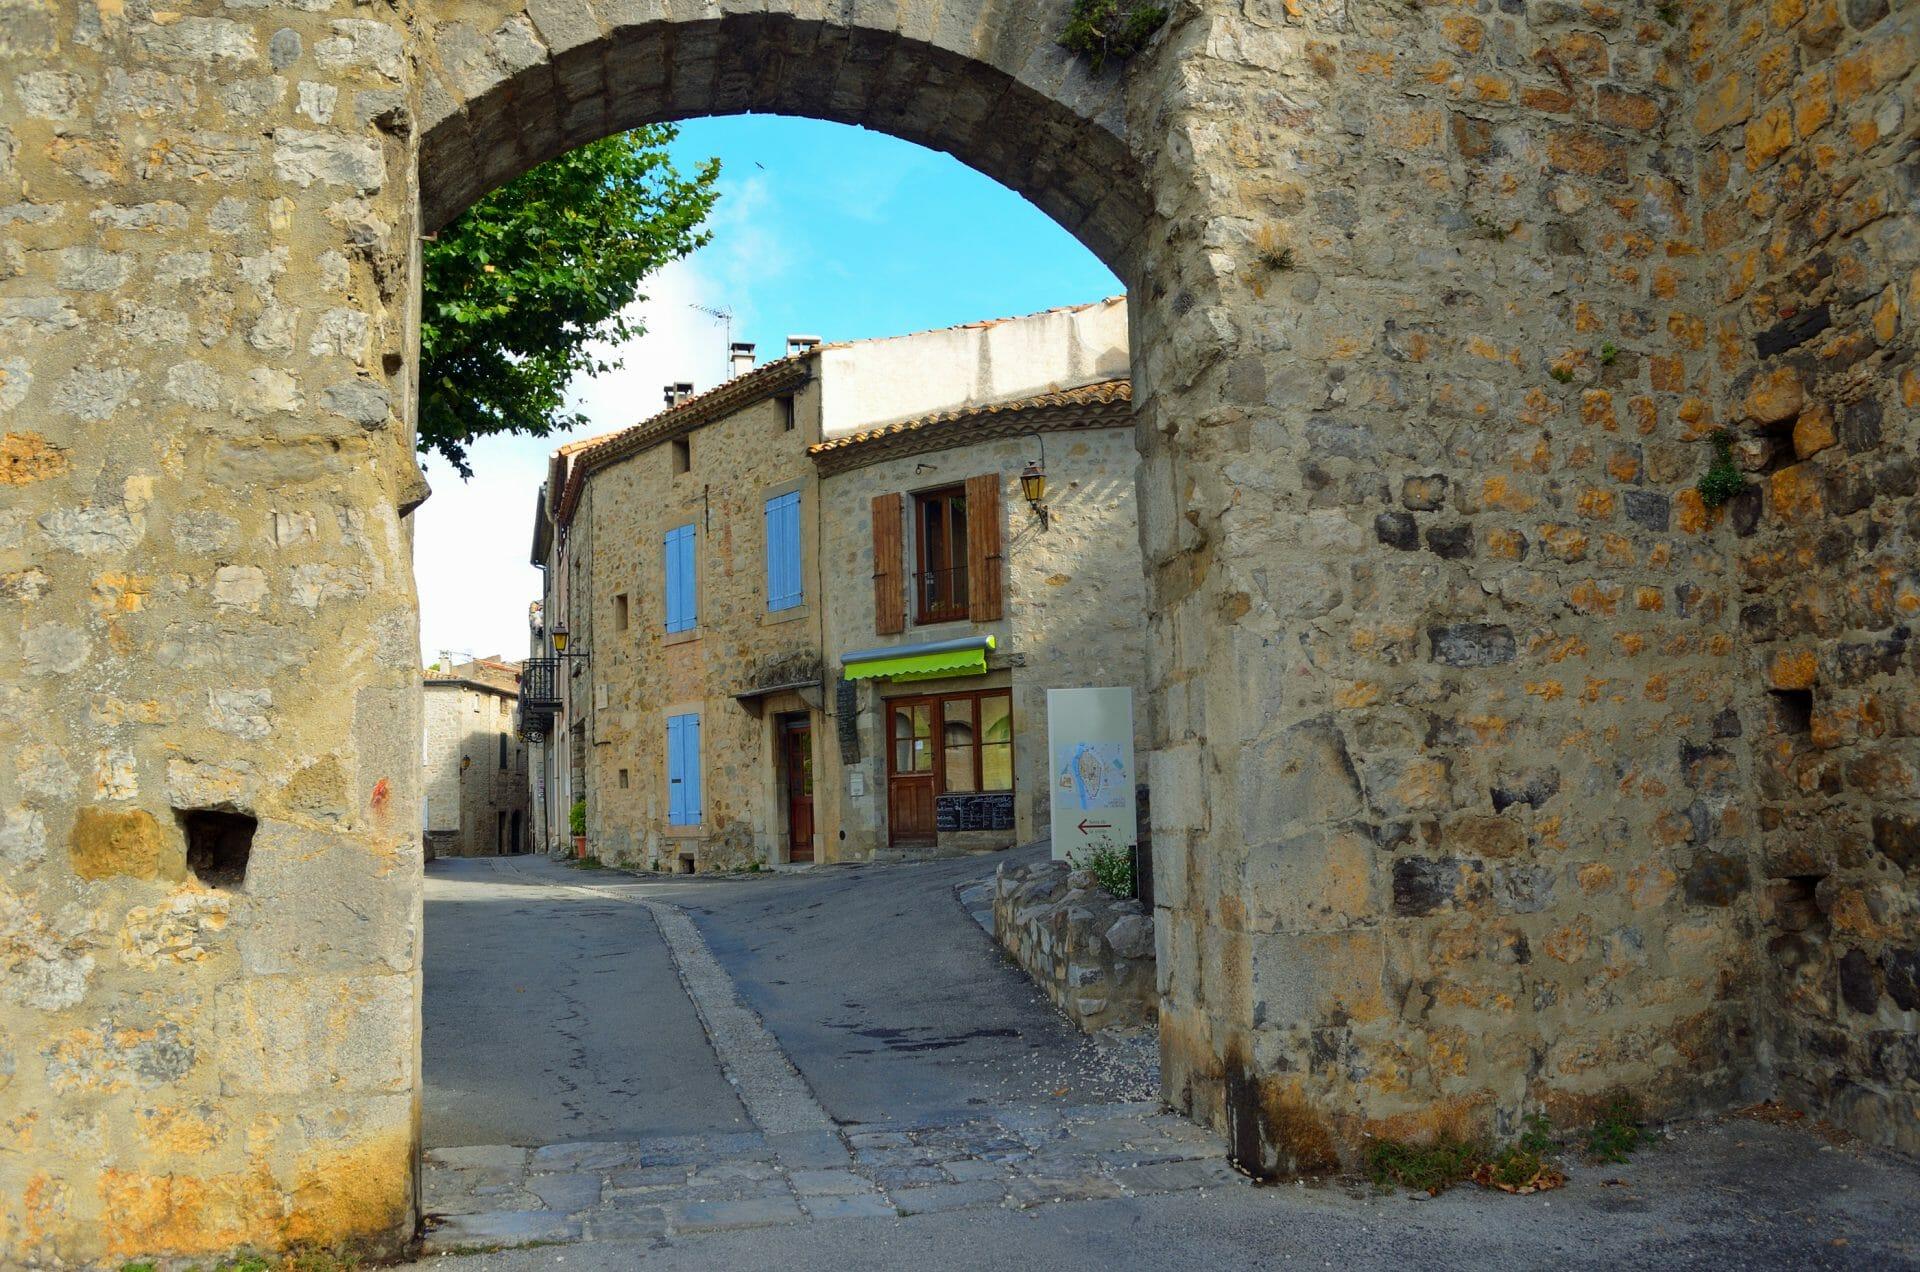 Lagrasse, Aude, Occitanie, Frankreich.